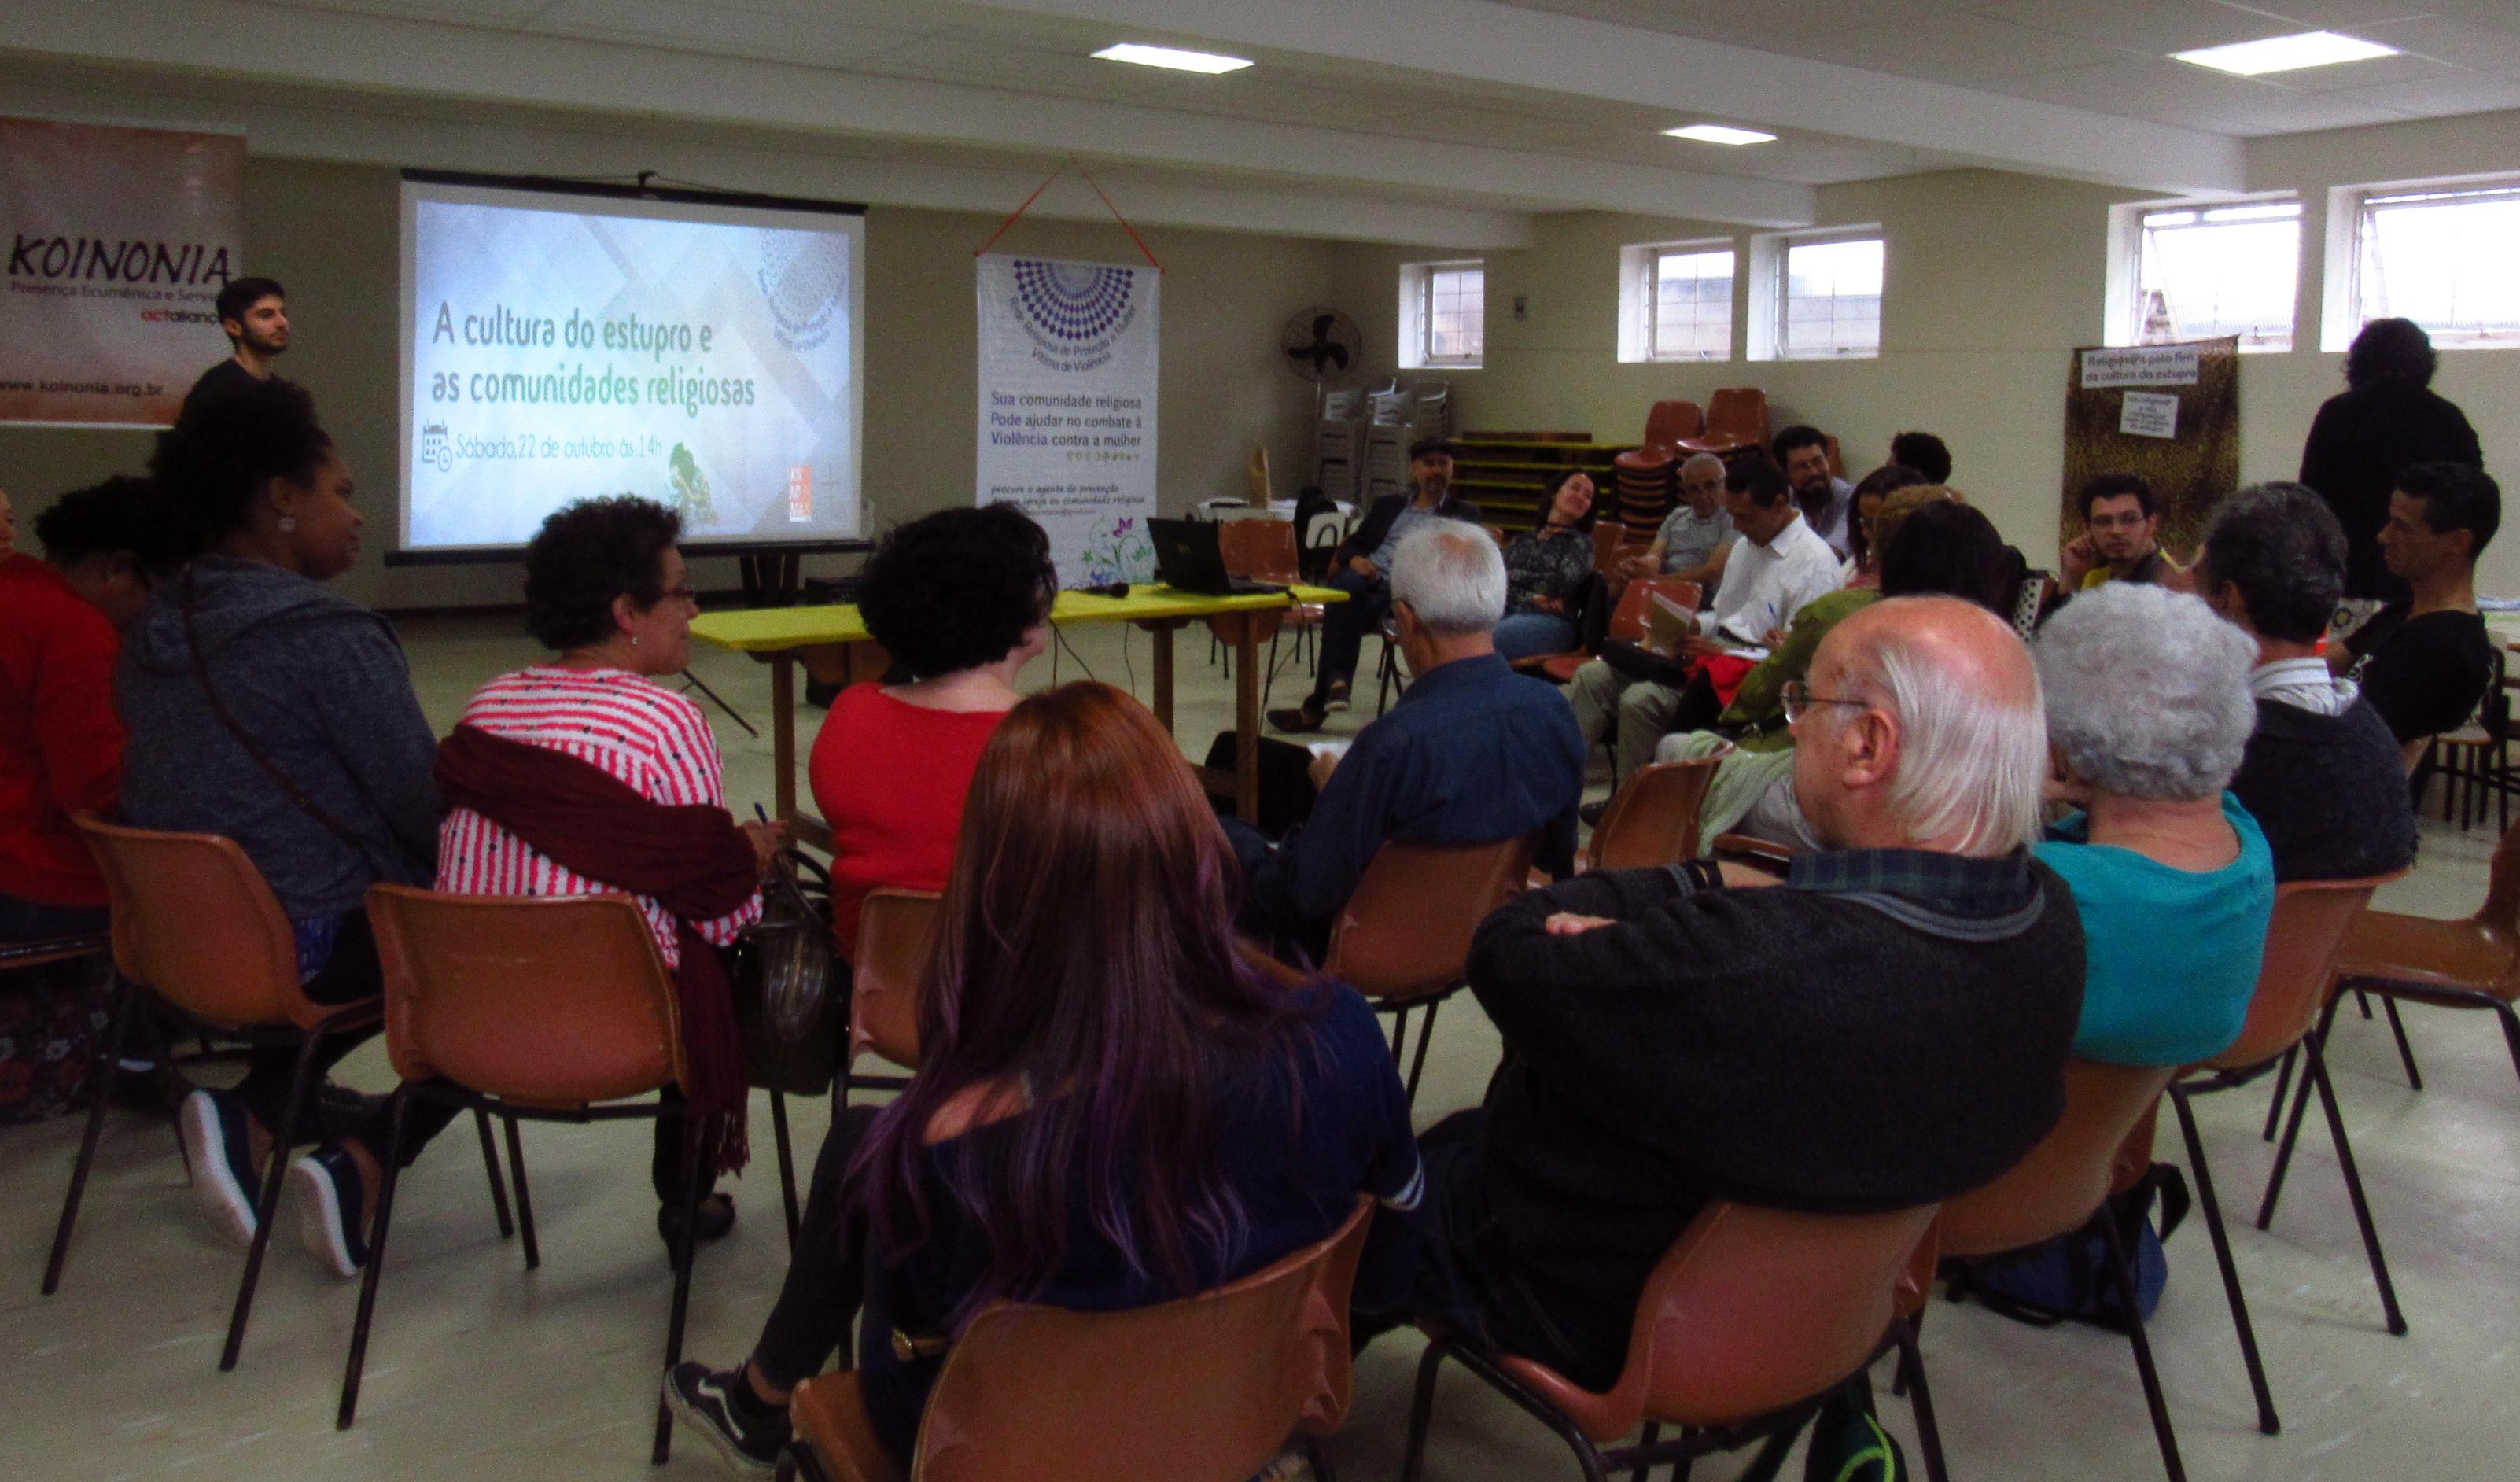 Relação da cultura do estupro e as comunidades religiosas foi tema de roda de conversa em São Paulo